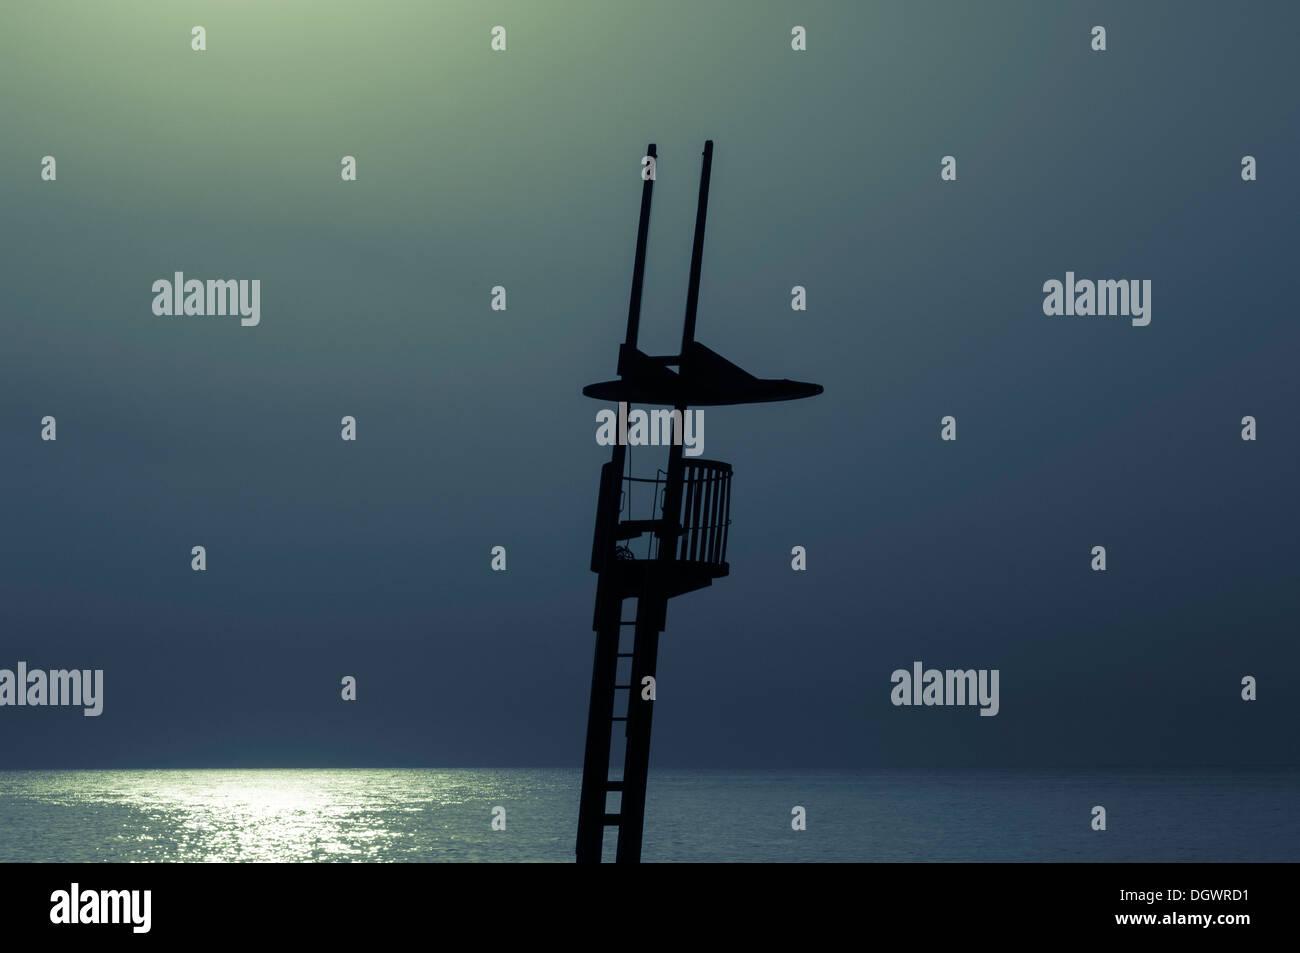 Silueta de estilo modernista de vigilante de la playa, la playa de Torre Sant Sebastia, Barcelona, Cataluña, España Foto de stock